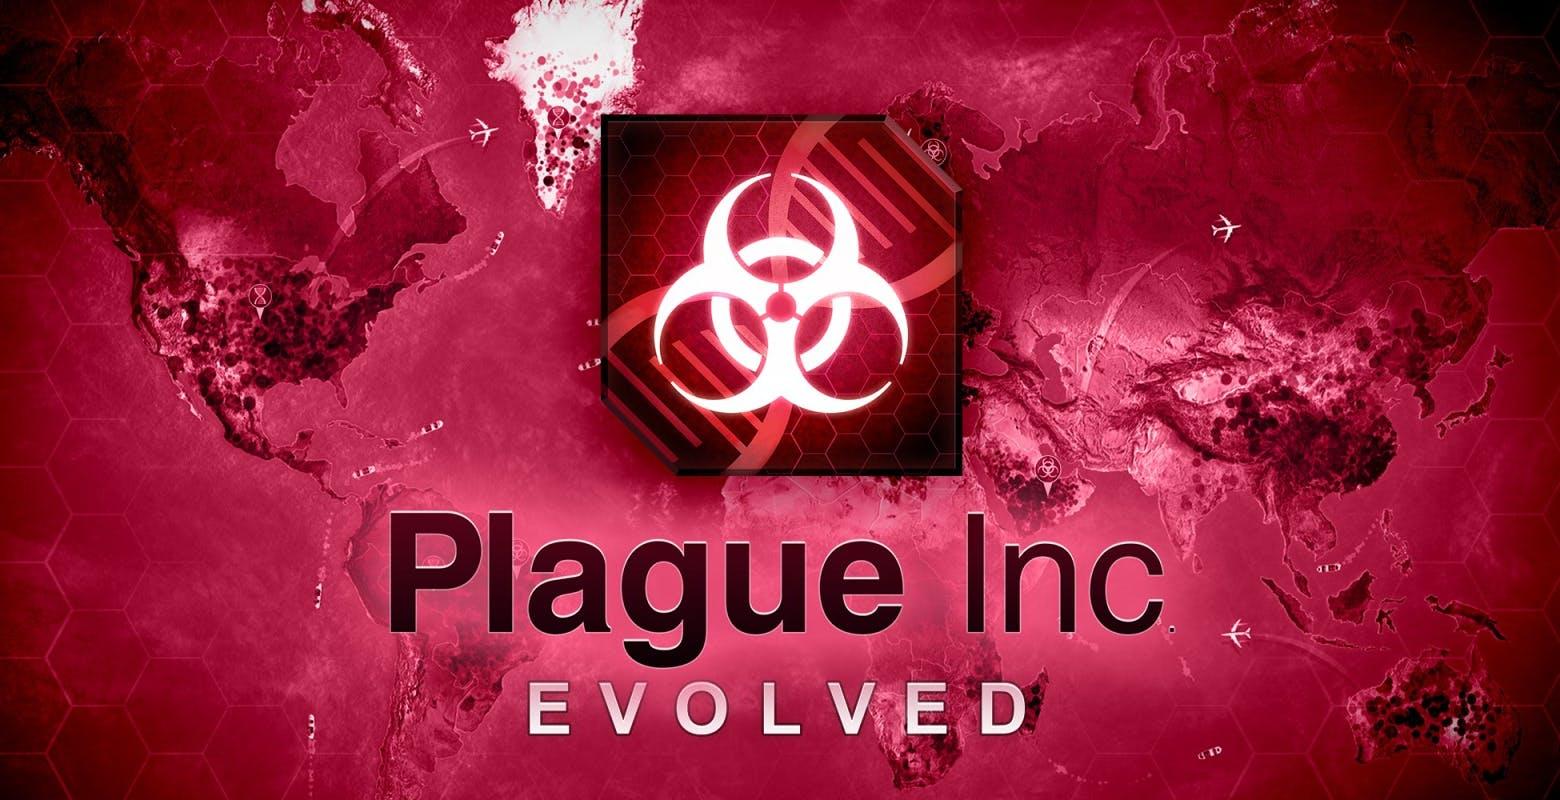 Plague Inc. consente ai giocatori  di creare fake news e diffonderle nel mondo